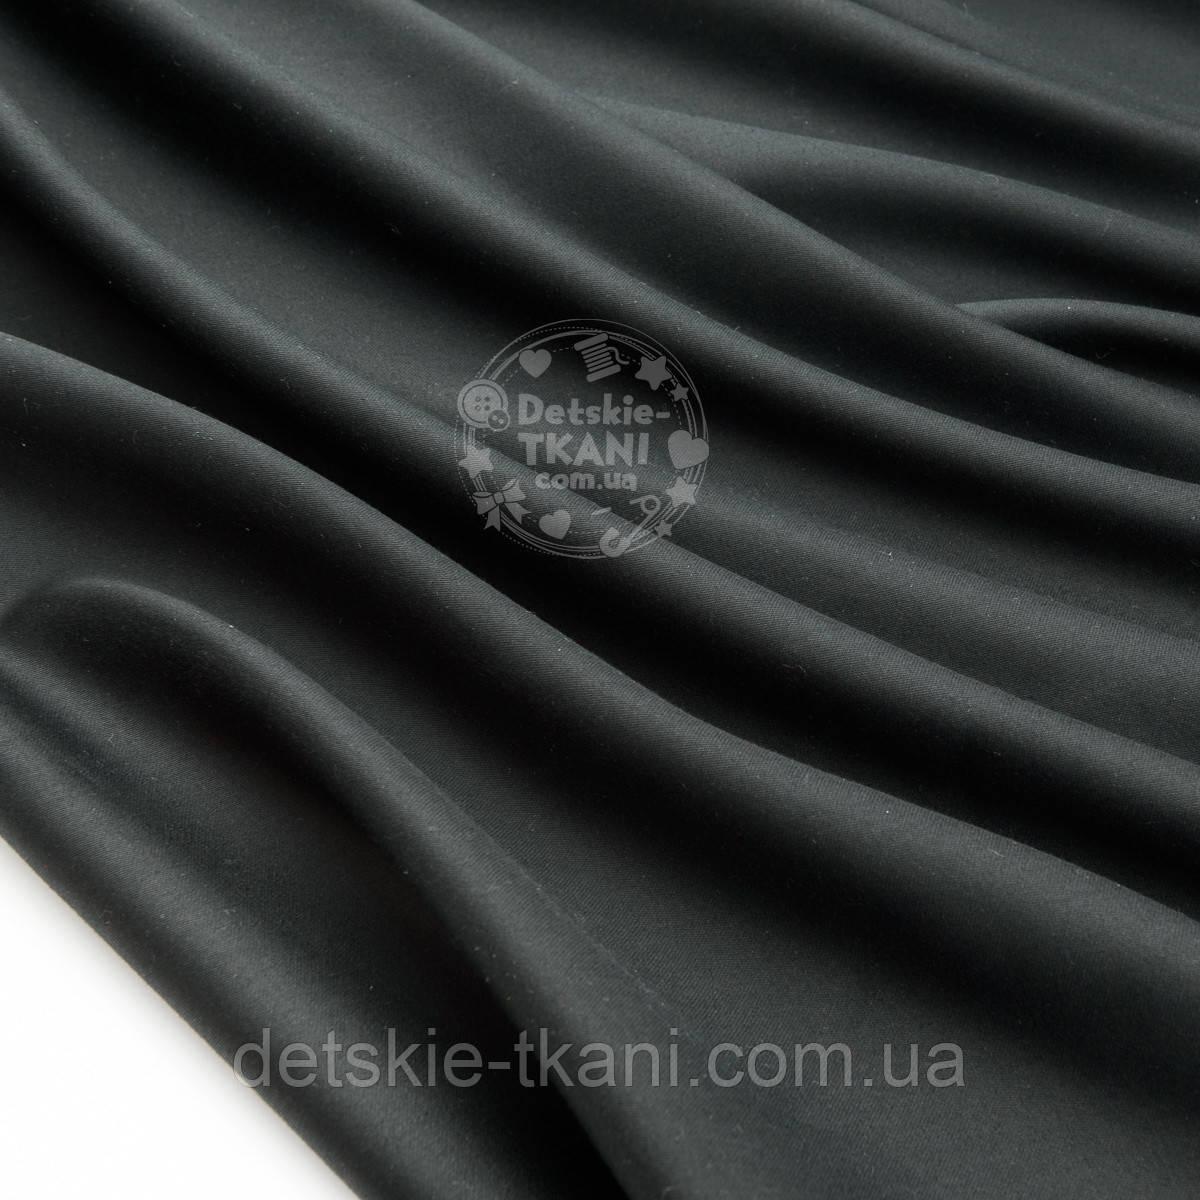 Сатин премиум, цвет чёрный, ширина 240 см (№1324)